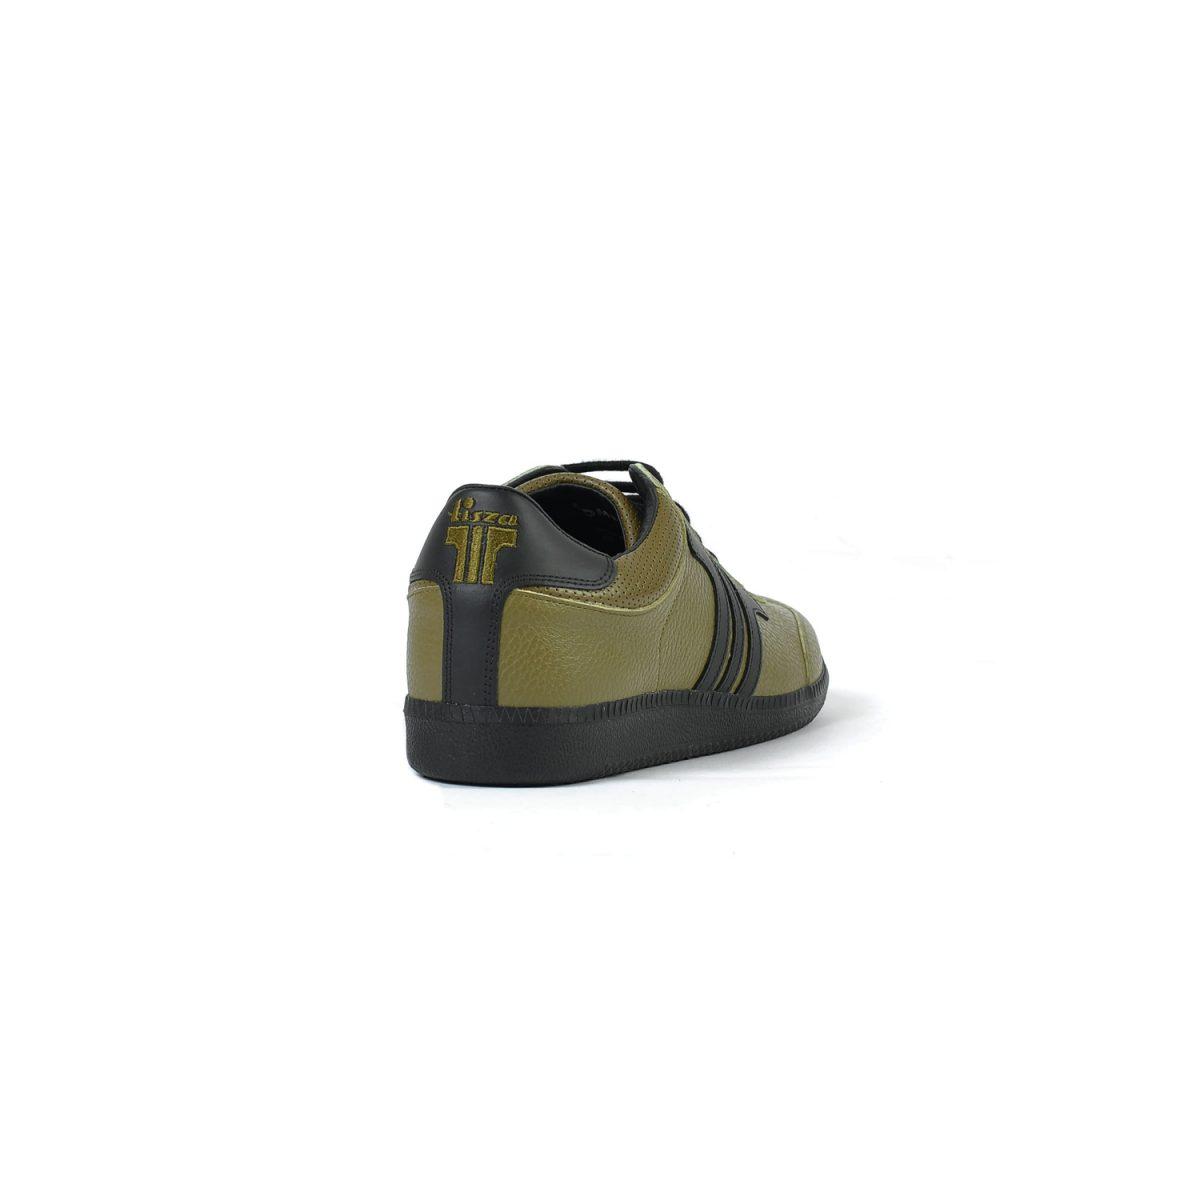 Tisza shoes - Compakt - Somlyó